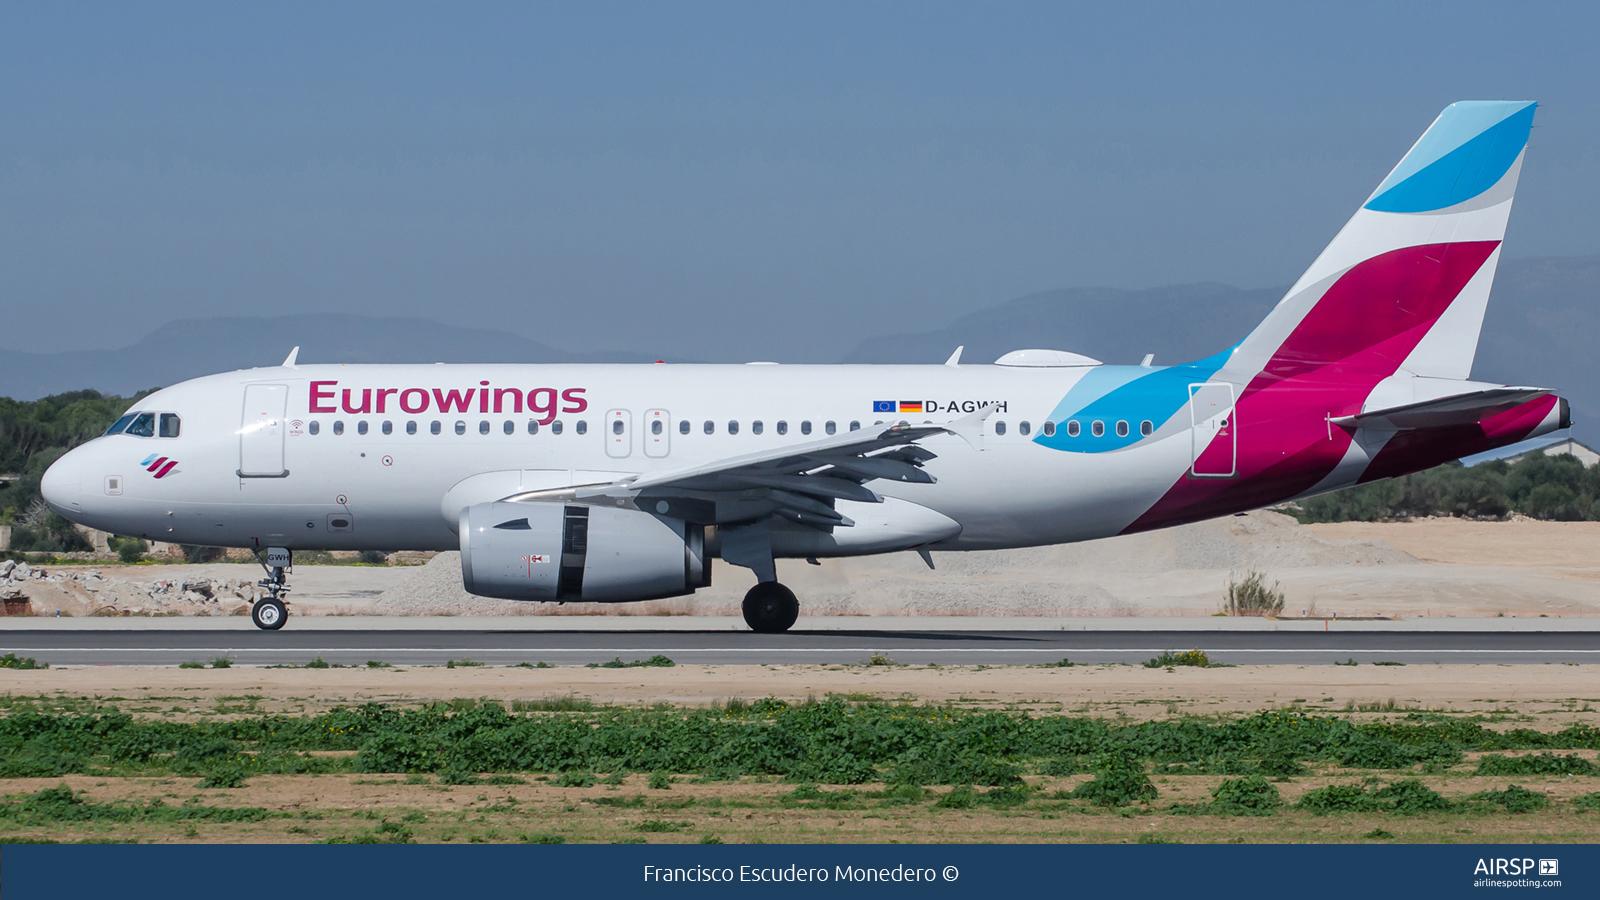 EurowingsAirbus A319D-AGWH